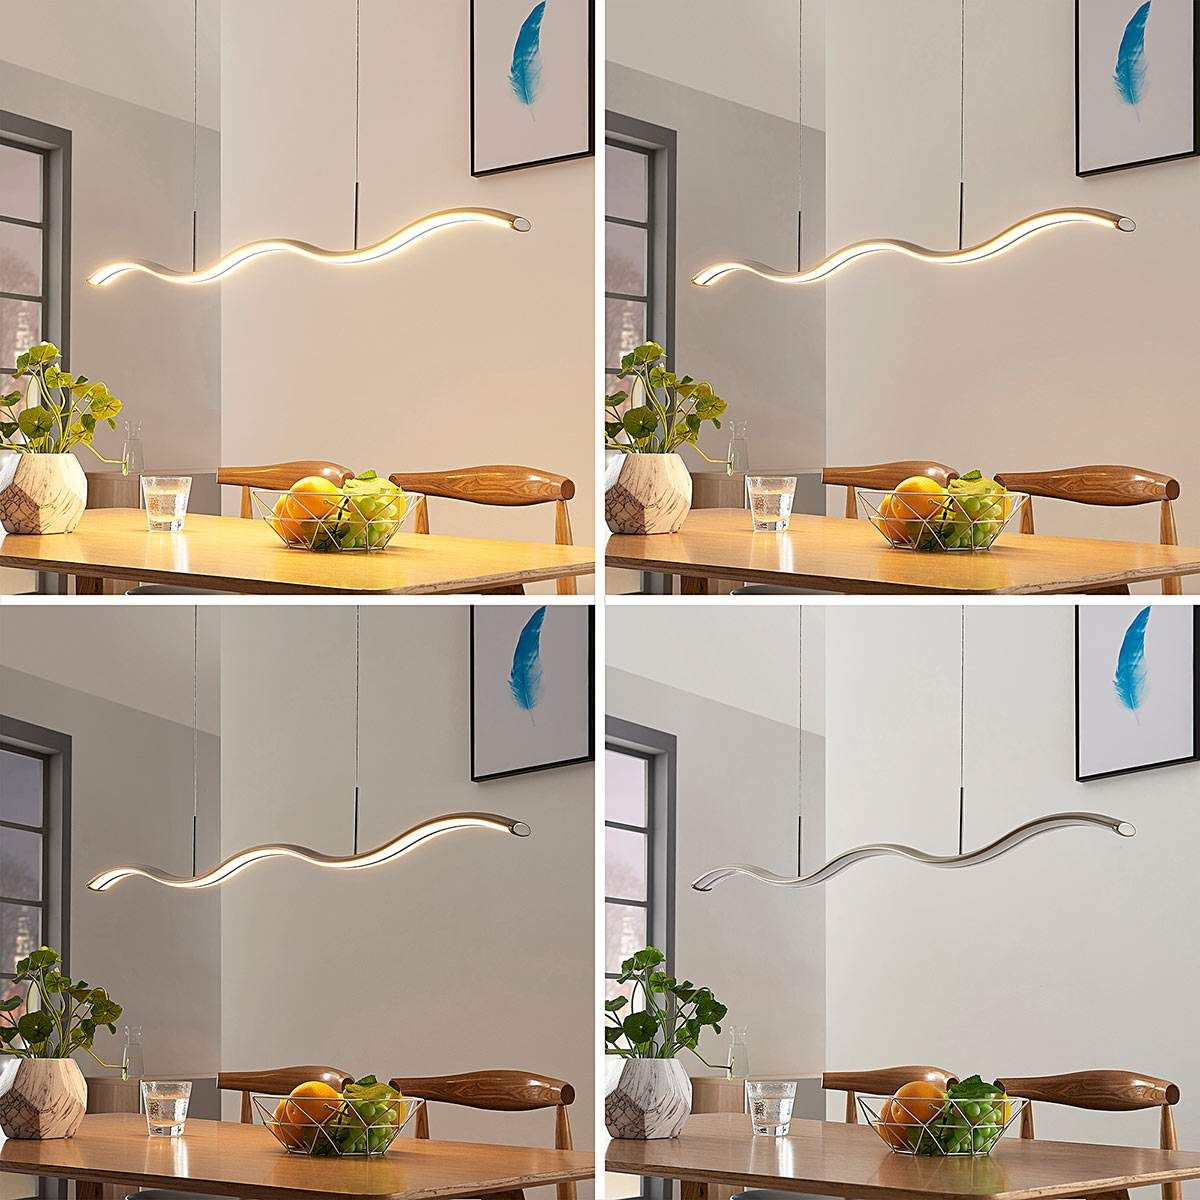 Moderne Pendel- und Hängeleuchten von Lampenwelt.com Grau  Led